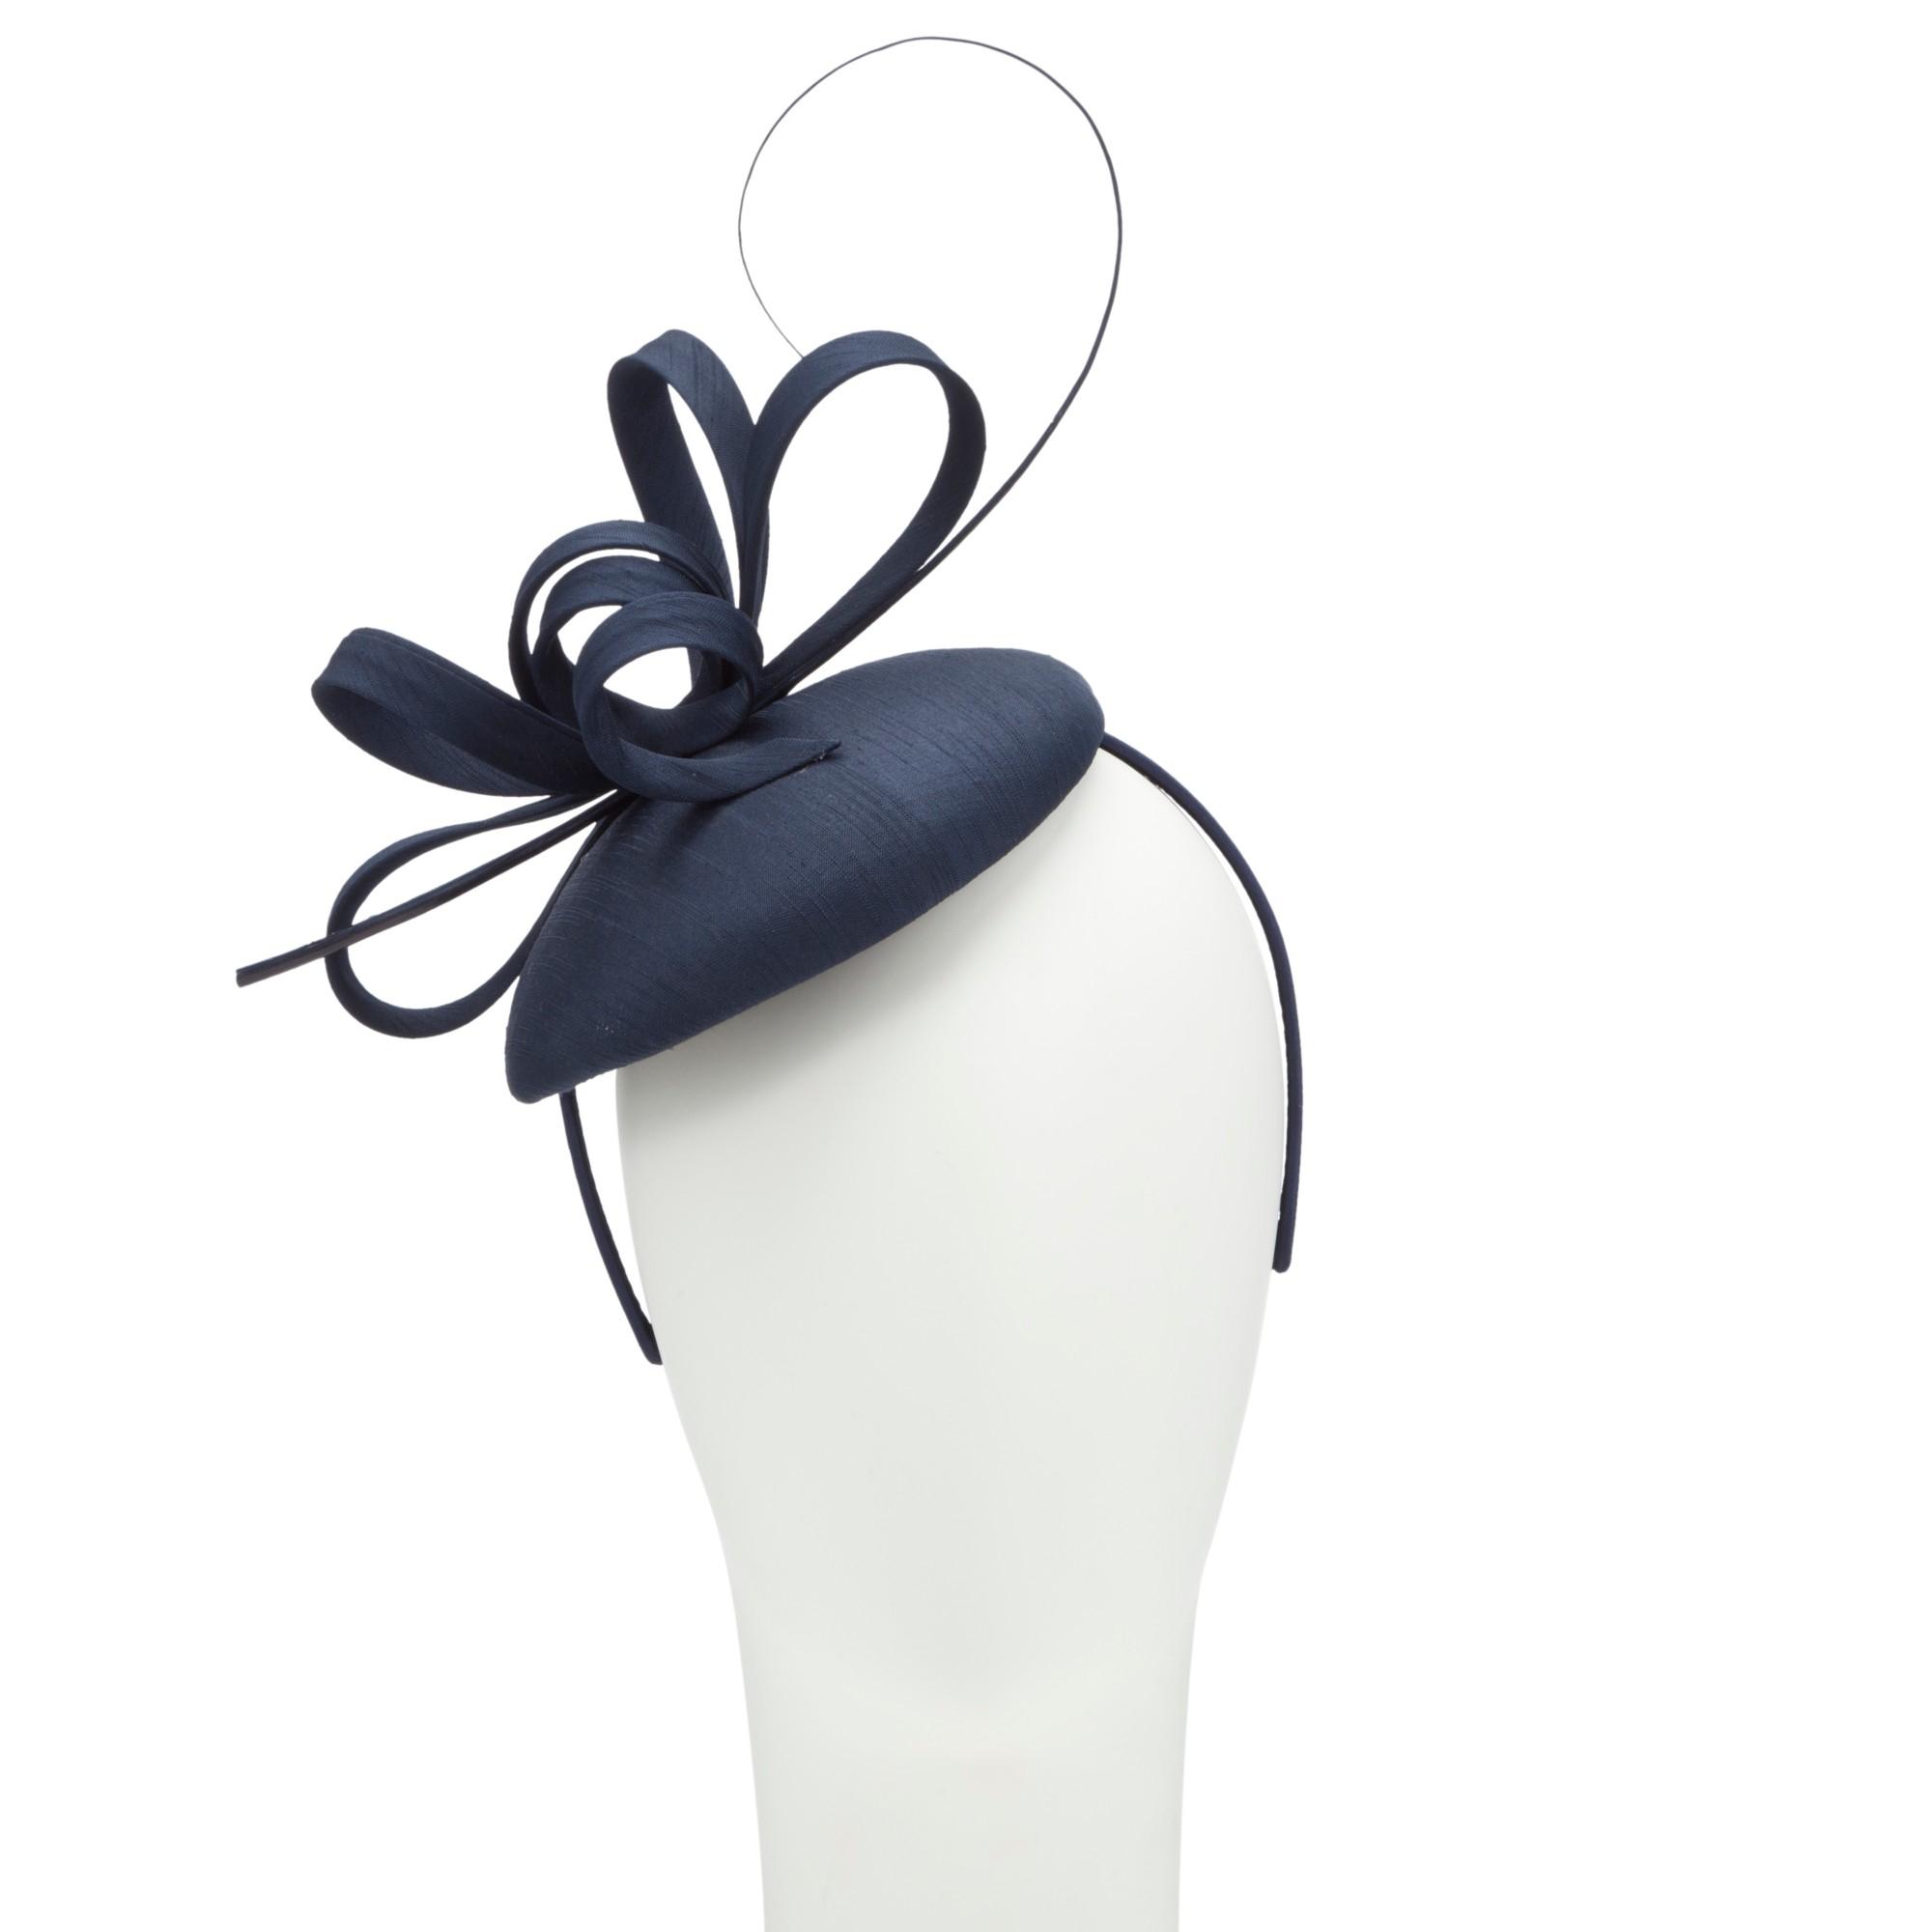 John Lewis Kiki Shantung Pillbox Hat Fascinator in Blue - Lyst 3a9f20d4db9